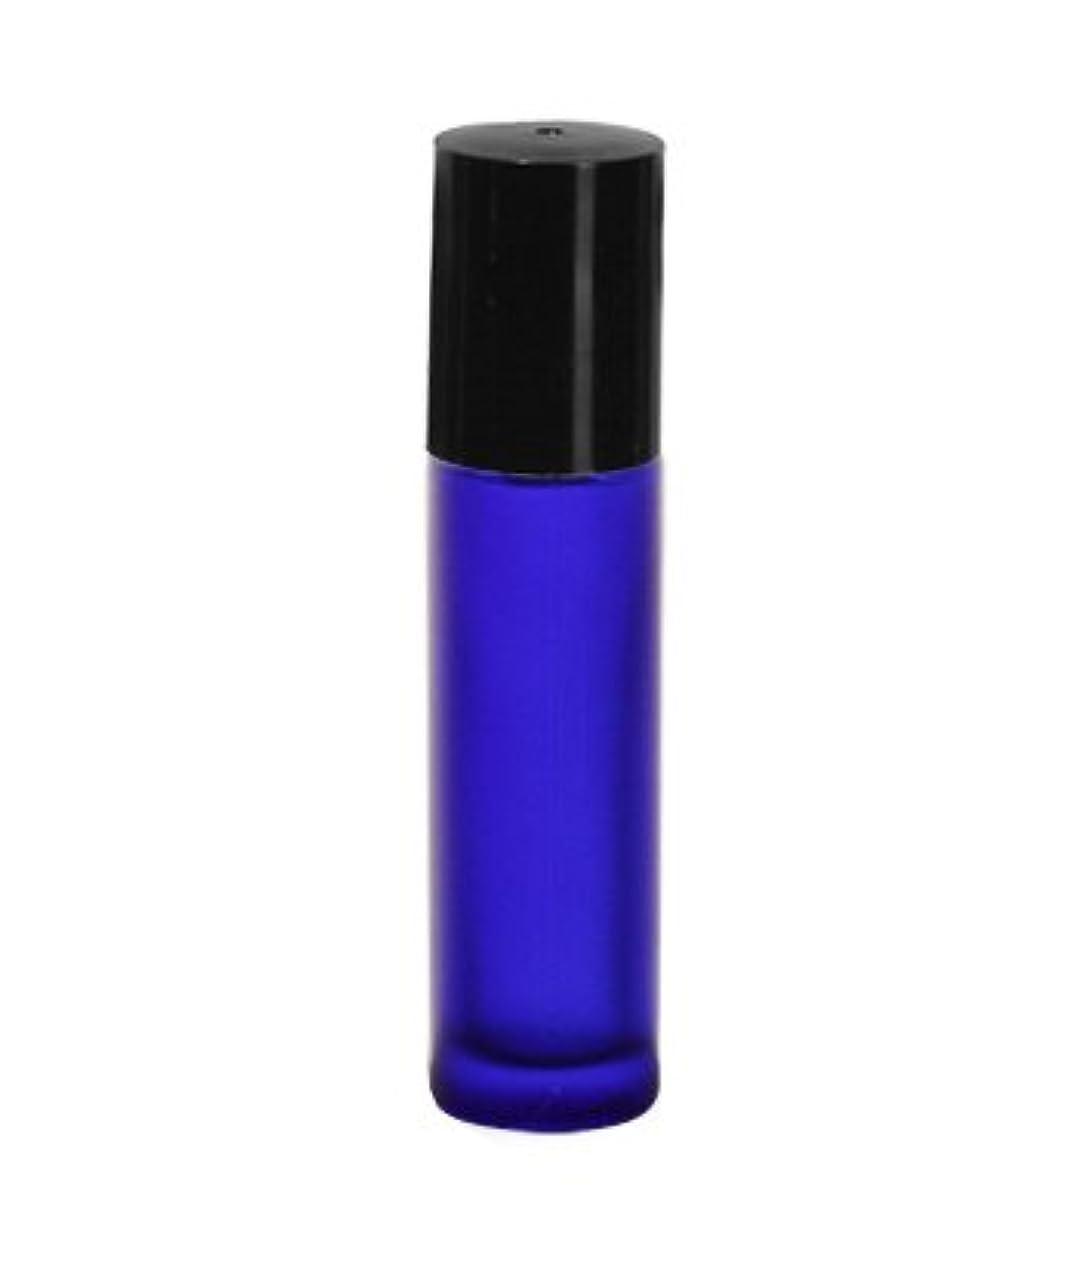 古風なプレミアパキスタンフロストコバルトガラスボトル?ロールオン[10ml]/1個